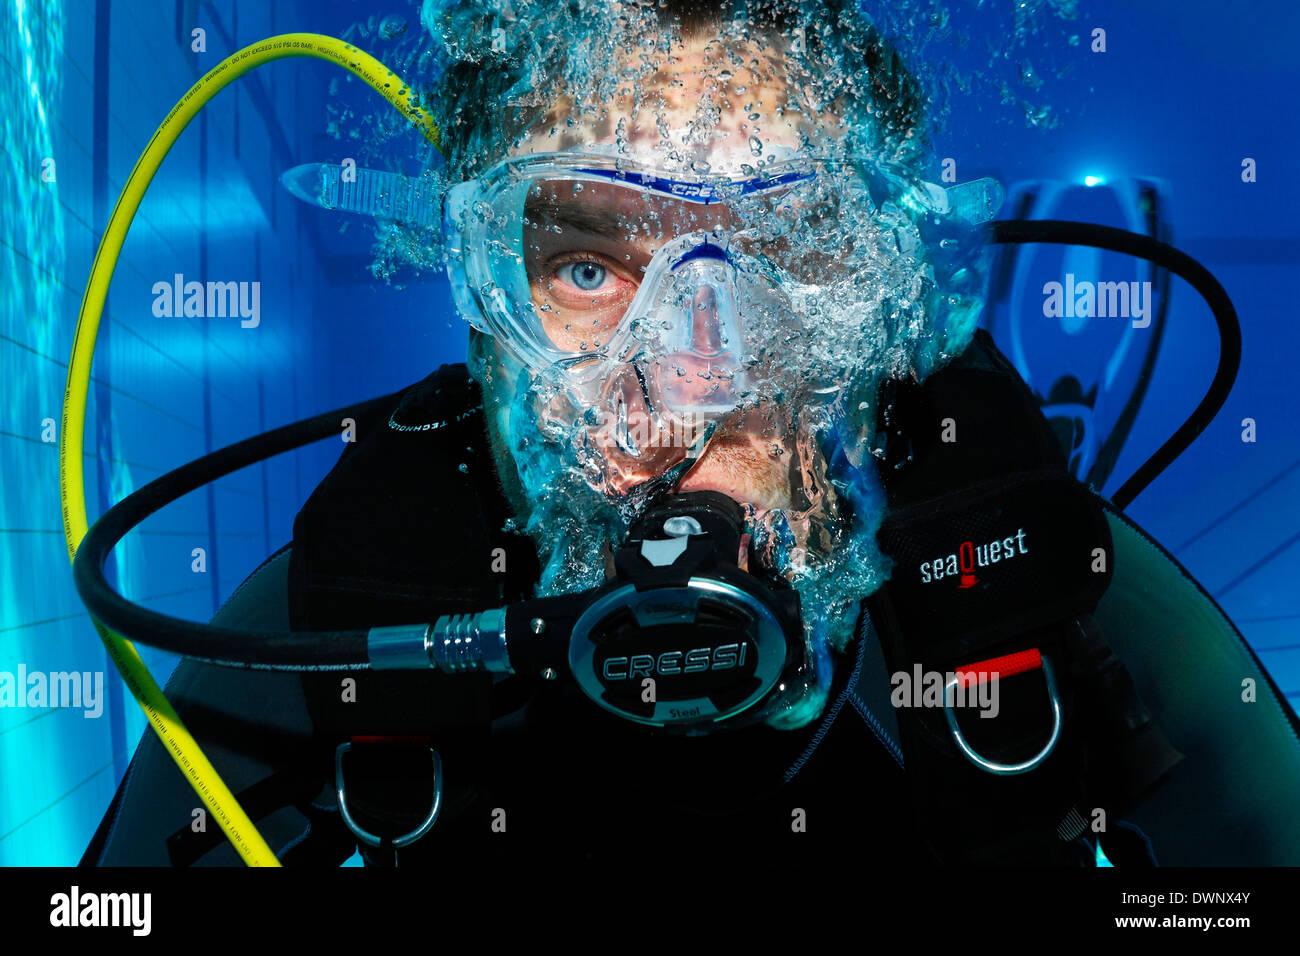 Subacqueo con bolle di aria, ritratto, in una piscina, Norimberga, Baviera, Germania Immagini Stock